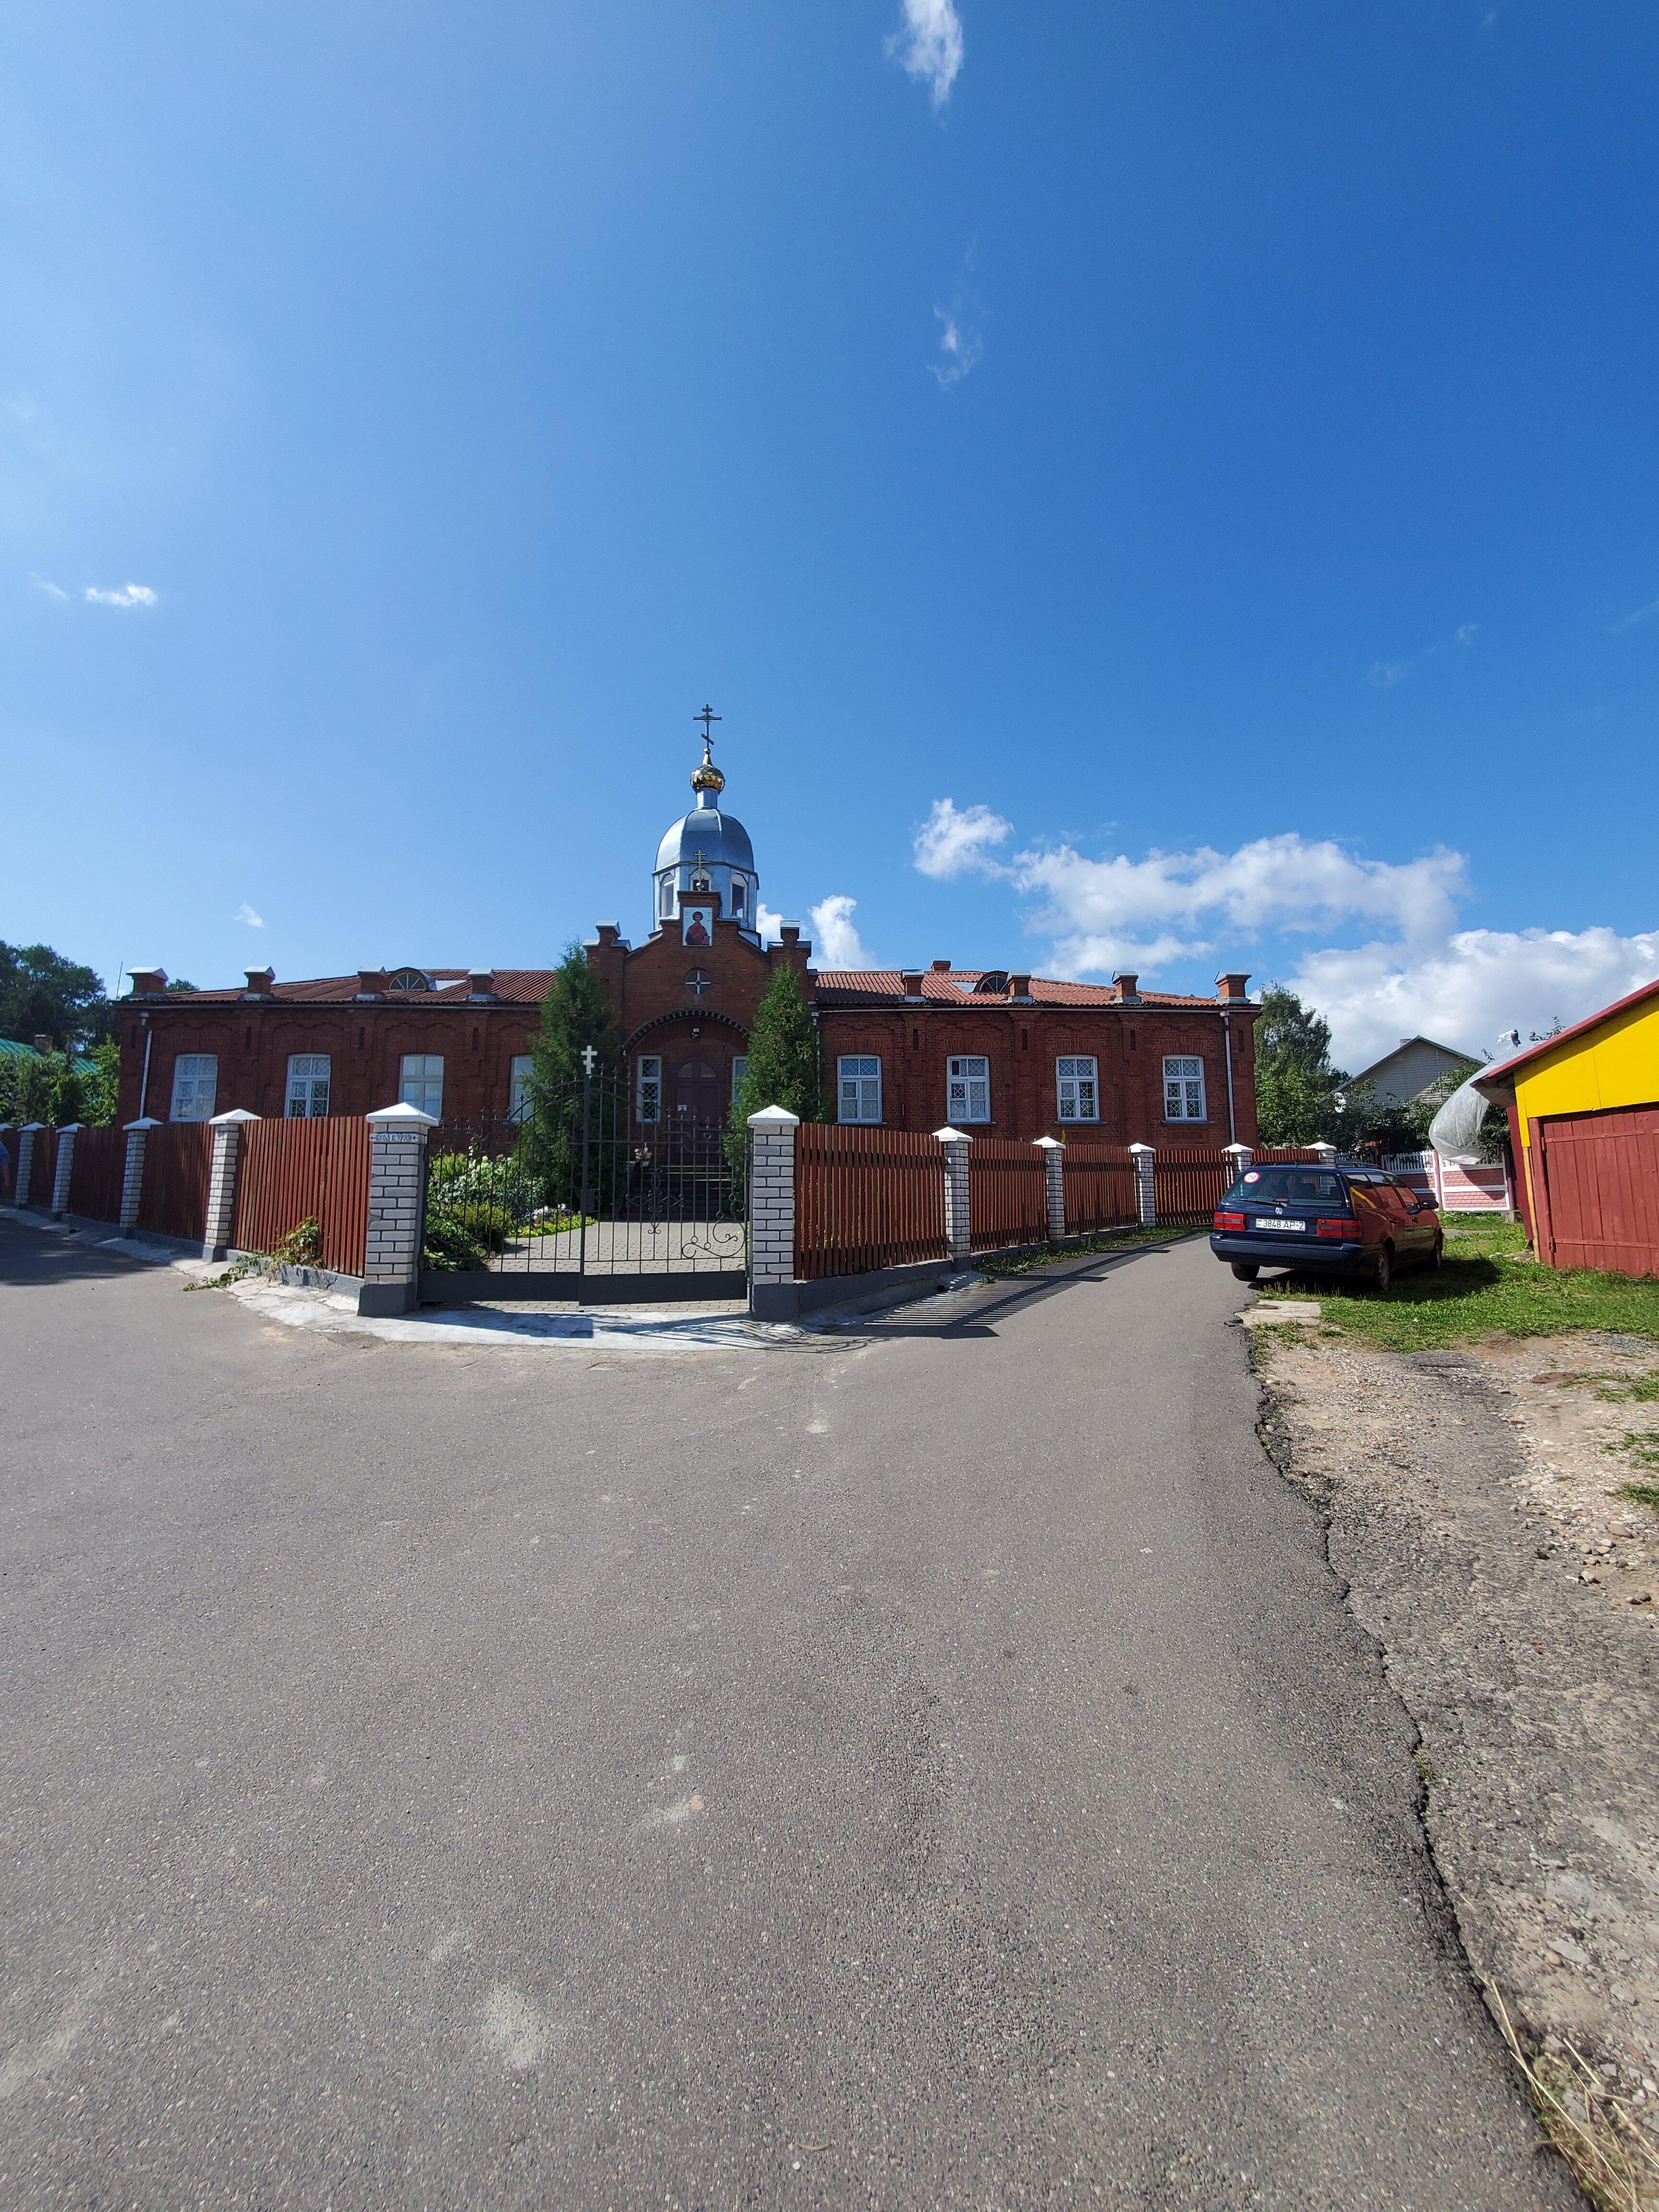 20200801 113413 rotated - Свято-Пантелеимоновский женский монастырь в Браславе